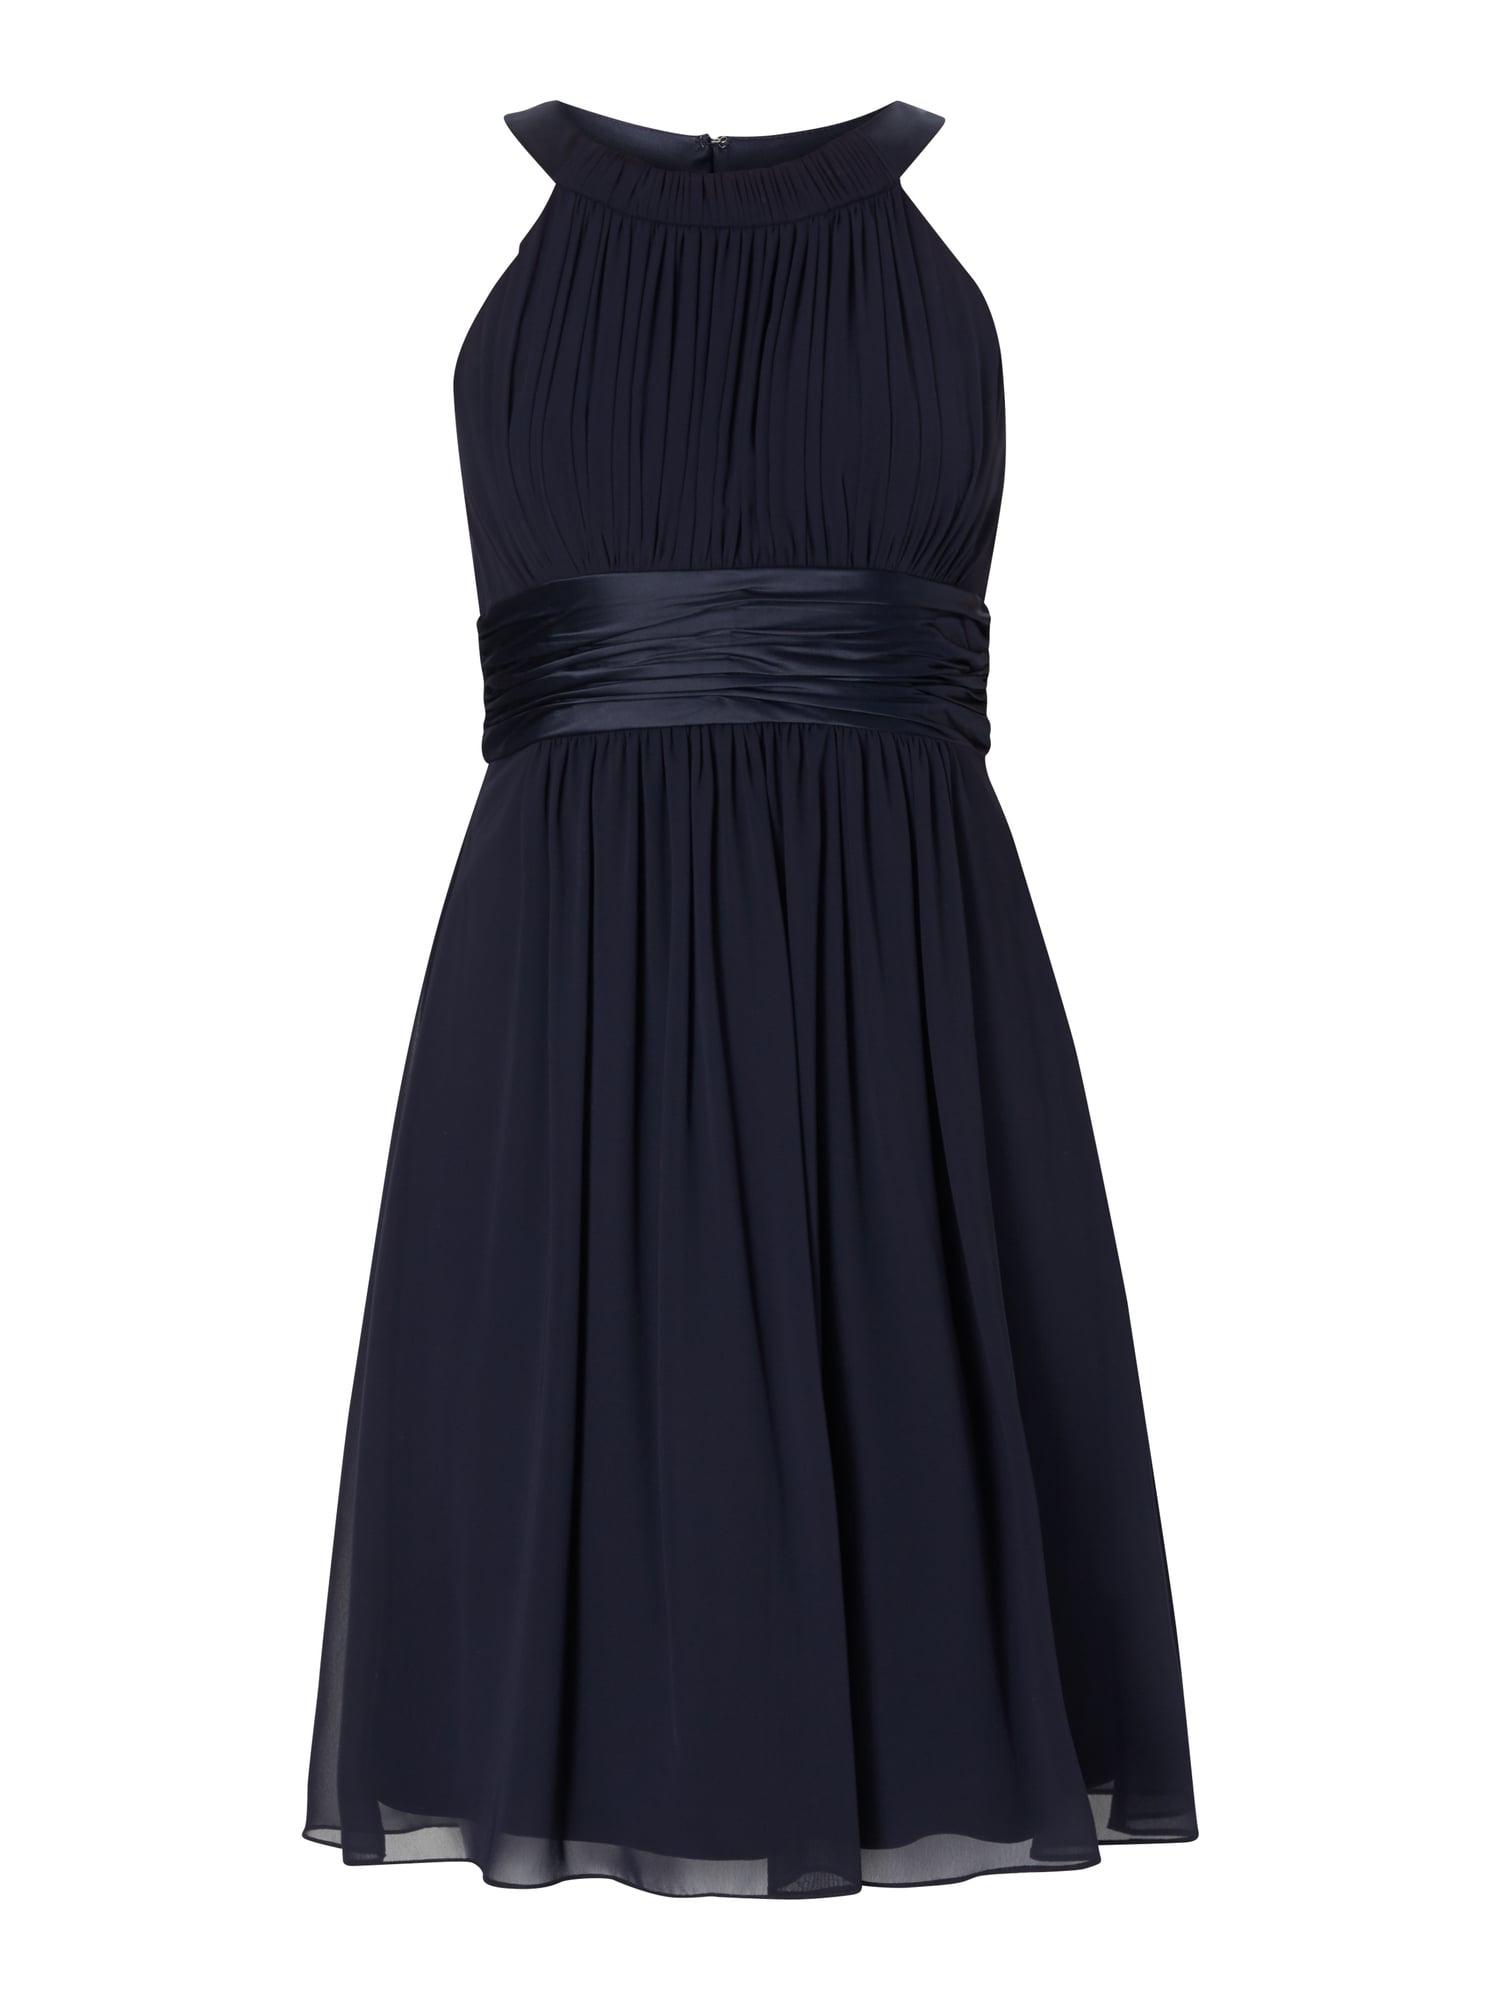 20 Coolste Jakes Abendkleid Blau GalerieFormal Kreativ Jakes Abendkleid Blau Spezialgebiet